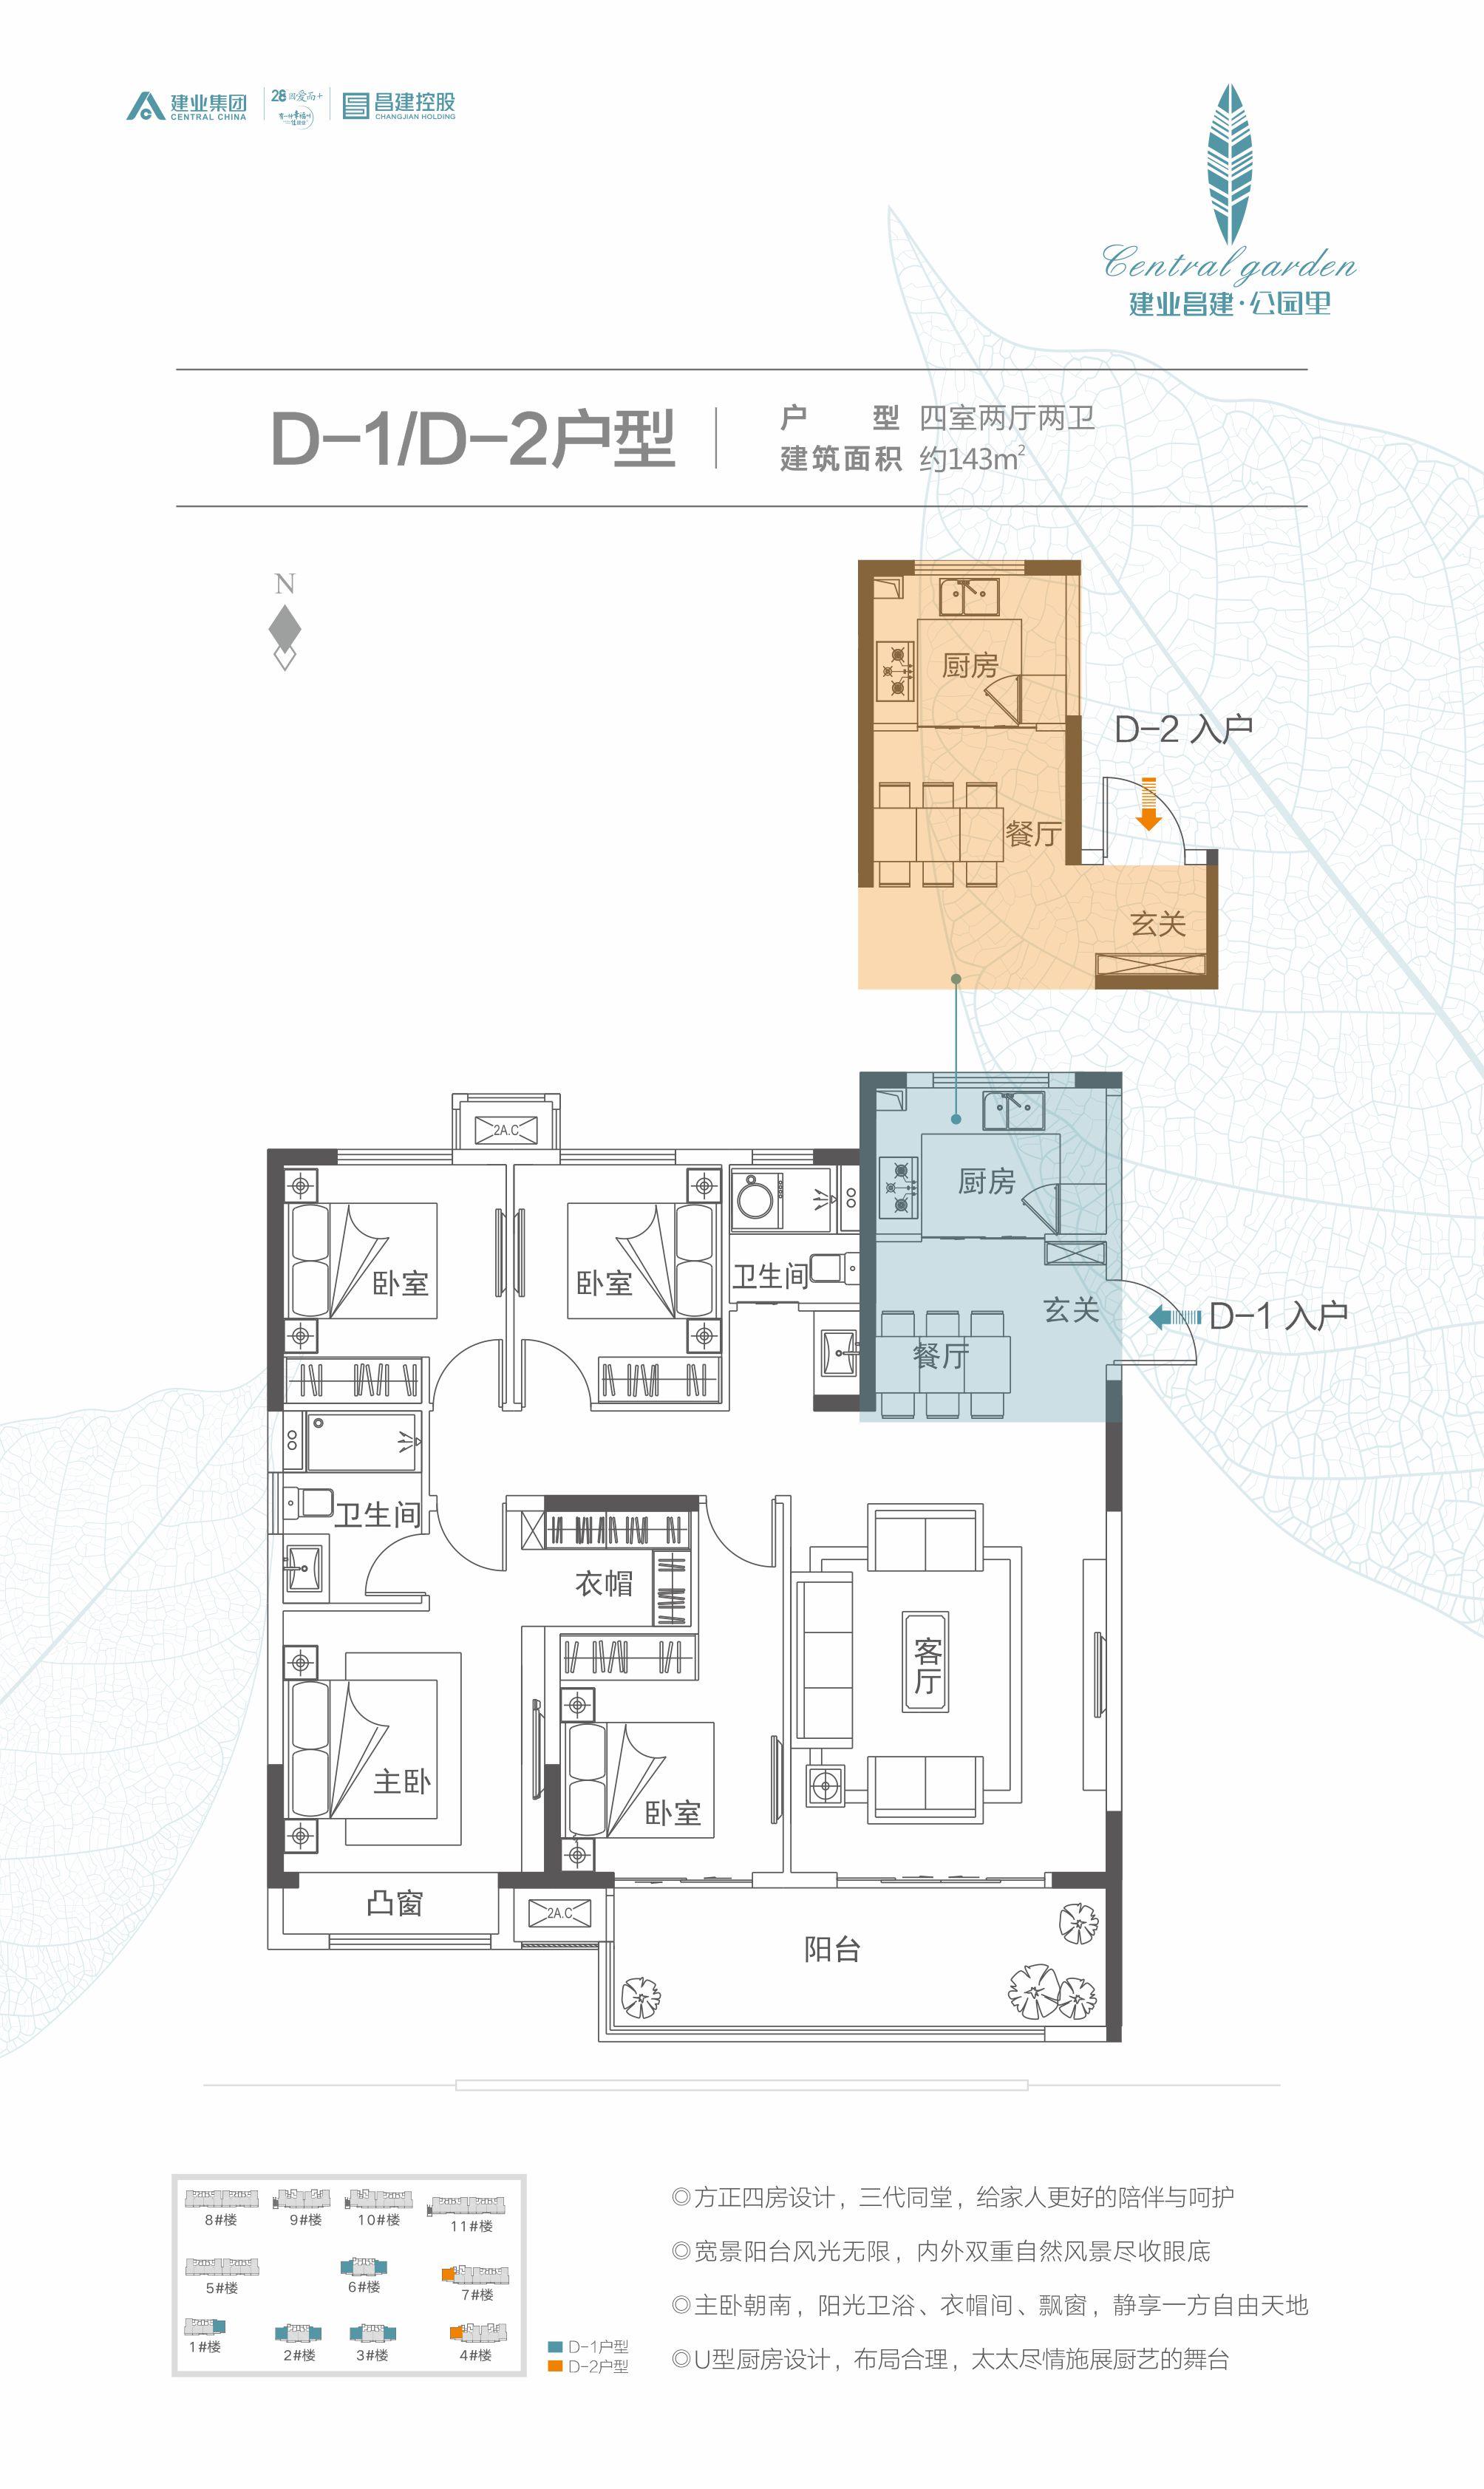 D-1/D-2户型建业昌建·公园里户型图